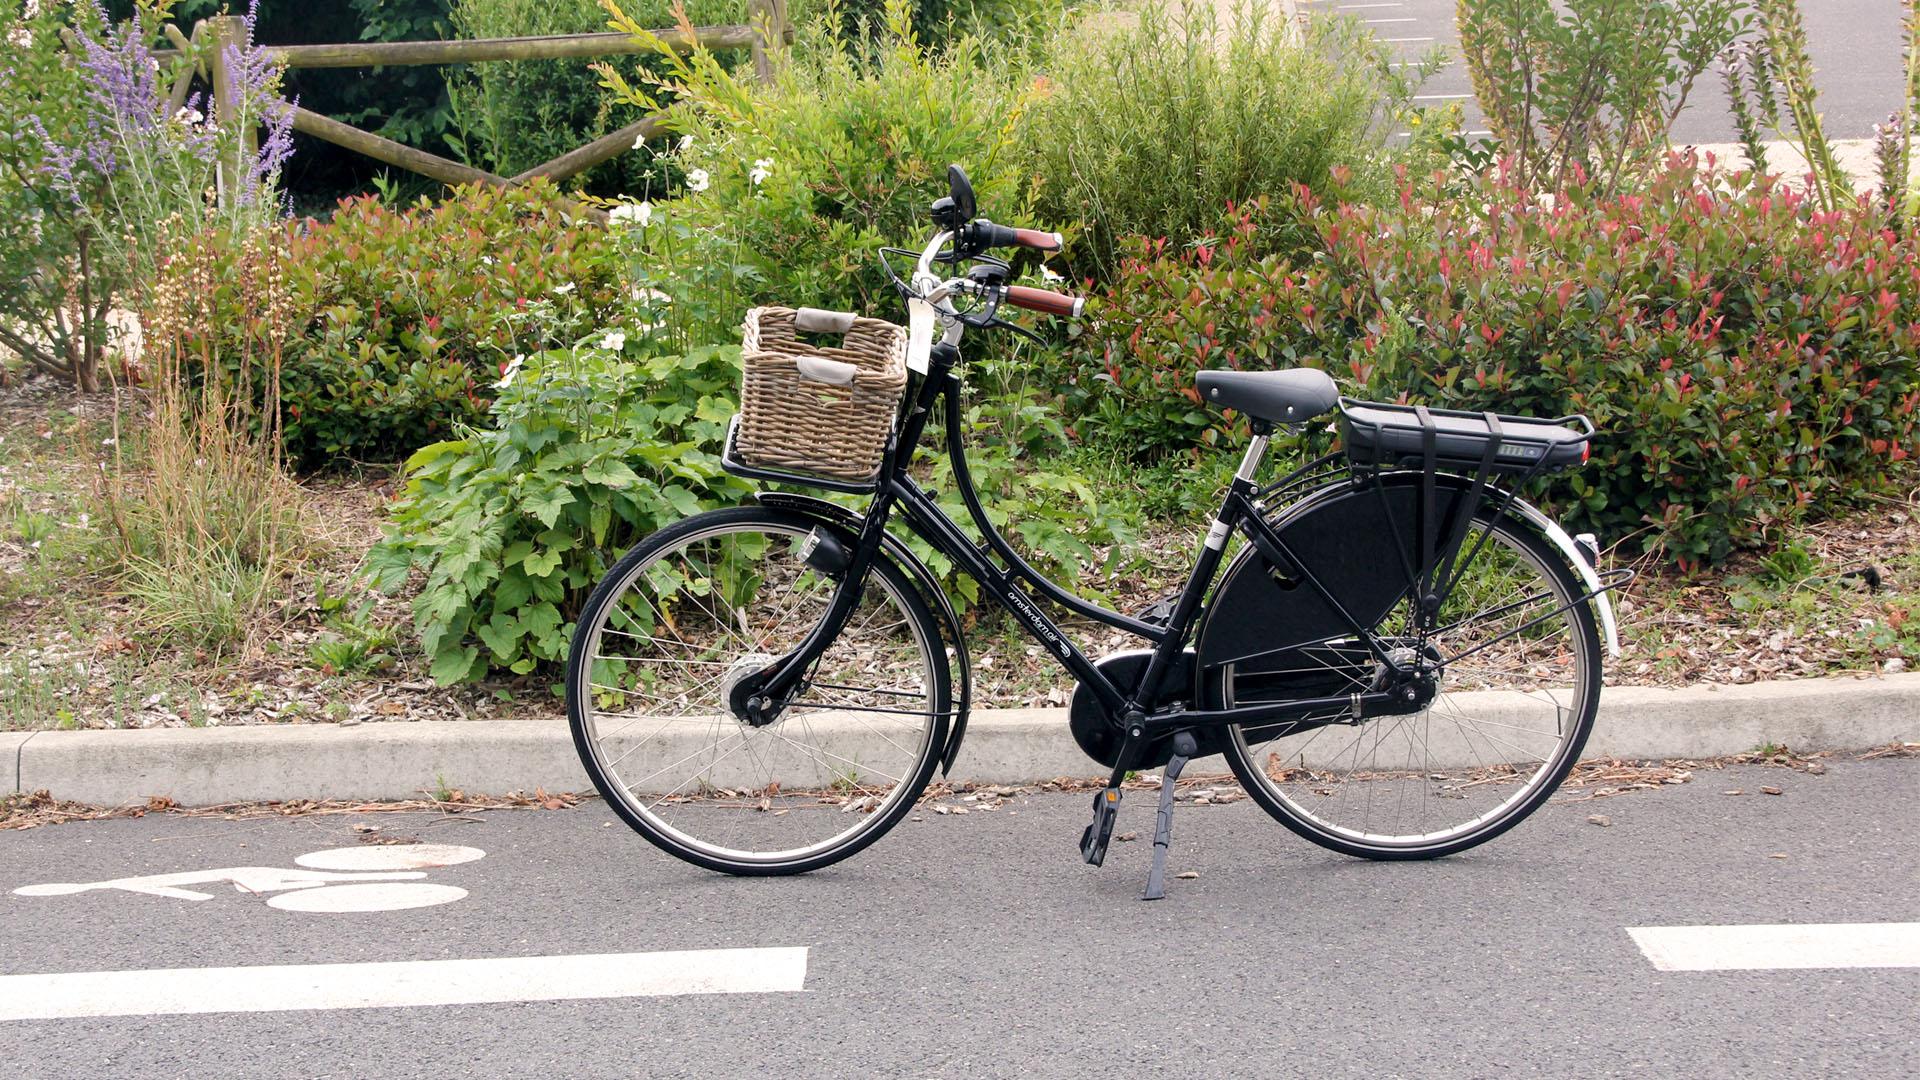 Vélo Amsterdam Air sur piste cyclable